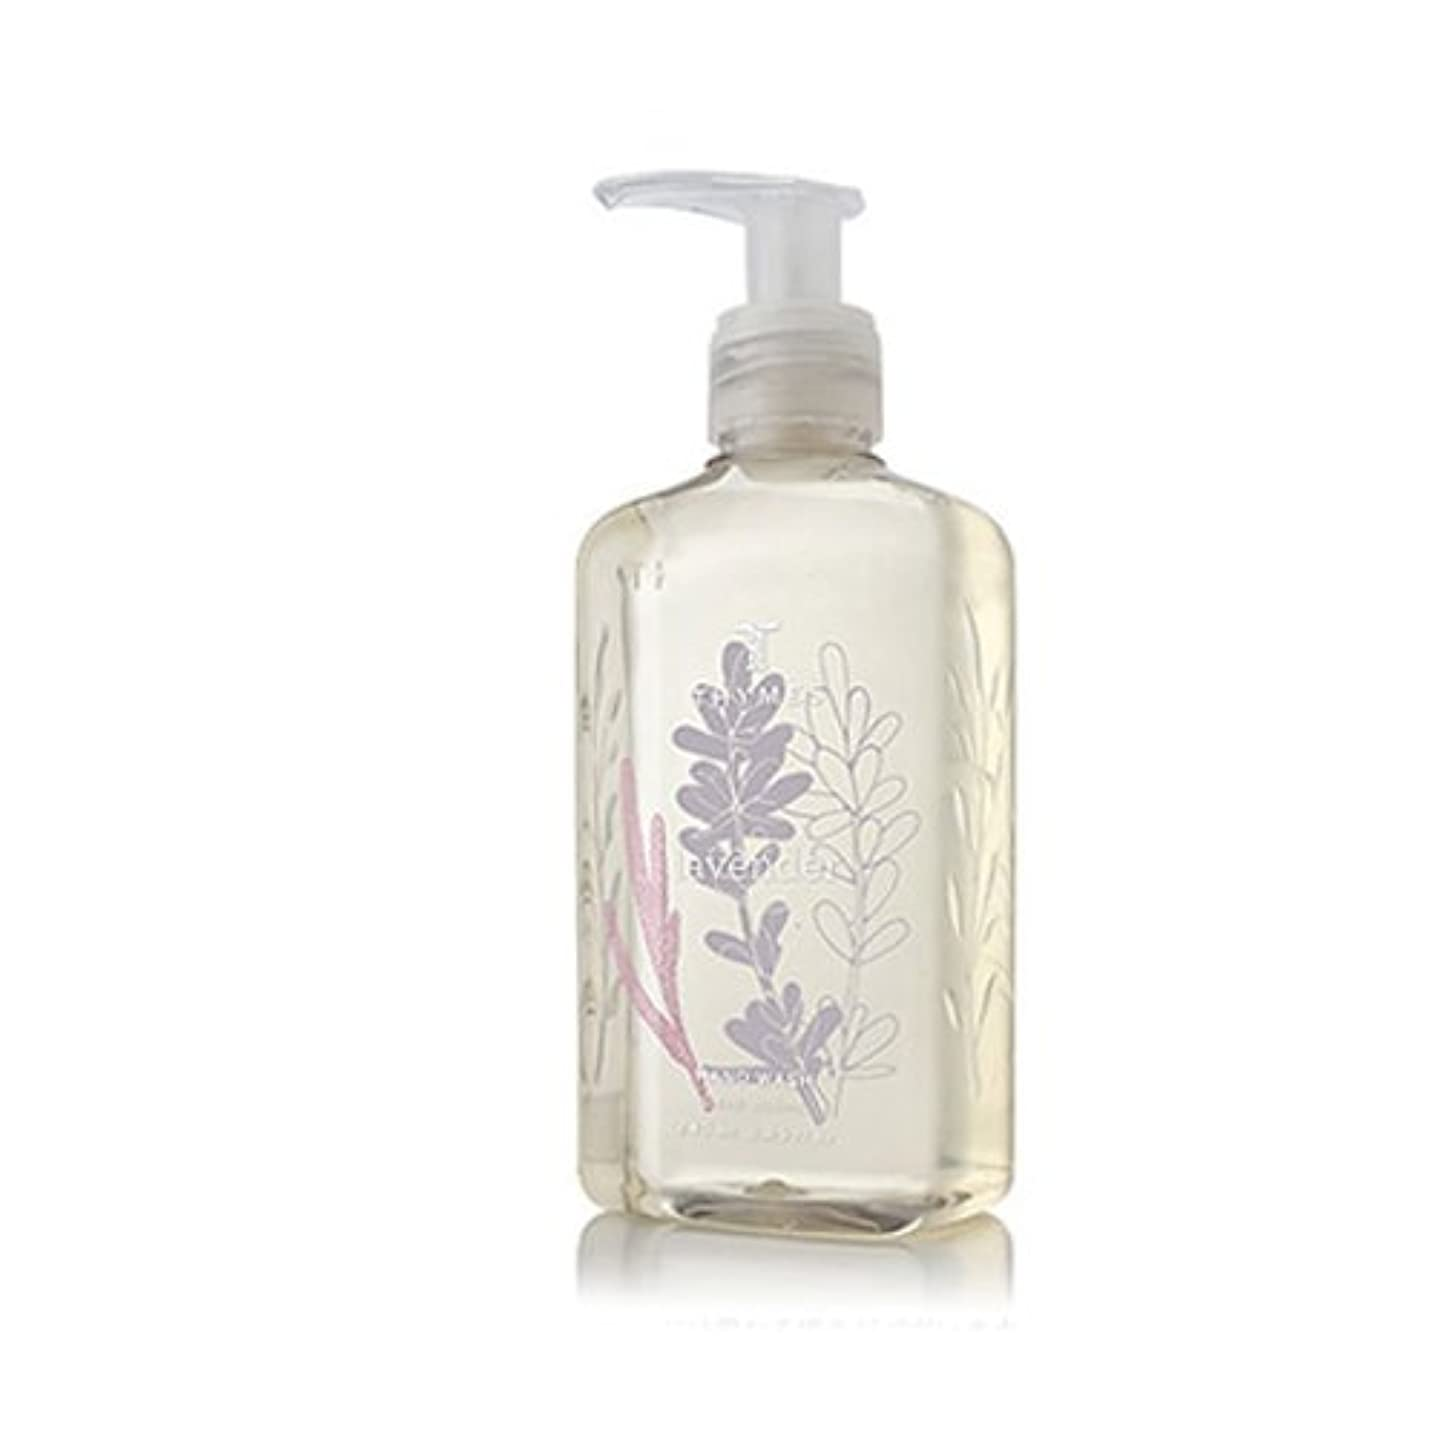 色ヒロイン家禽THYMES タイムズ ハンドウォッシュ 240ml ラベンダー Hand Wash 8.25 fl oz Lavender [並行輸入品]